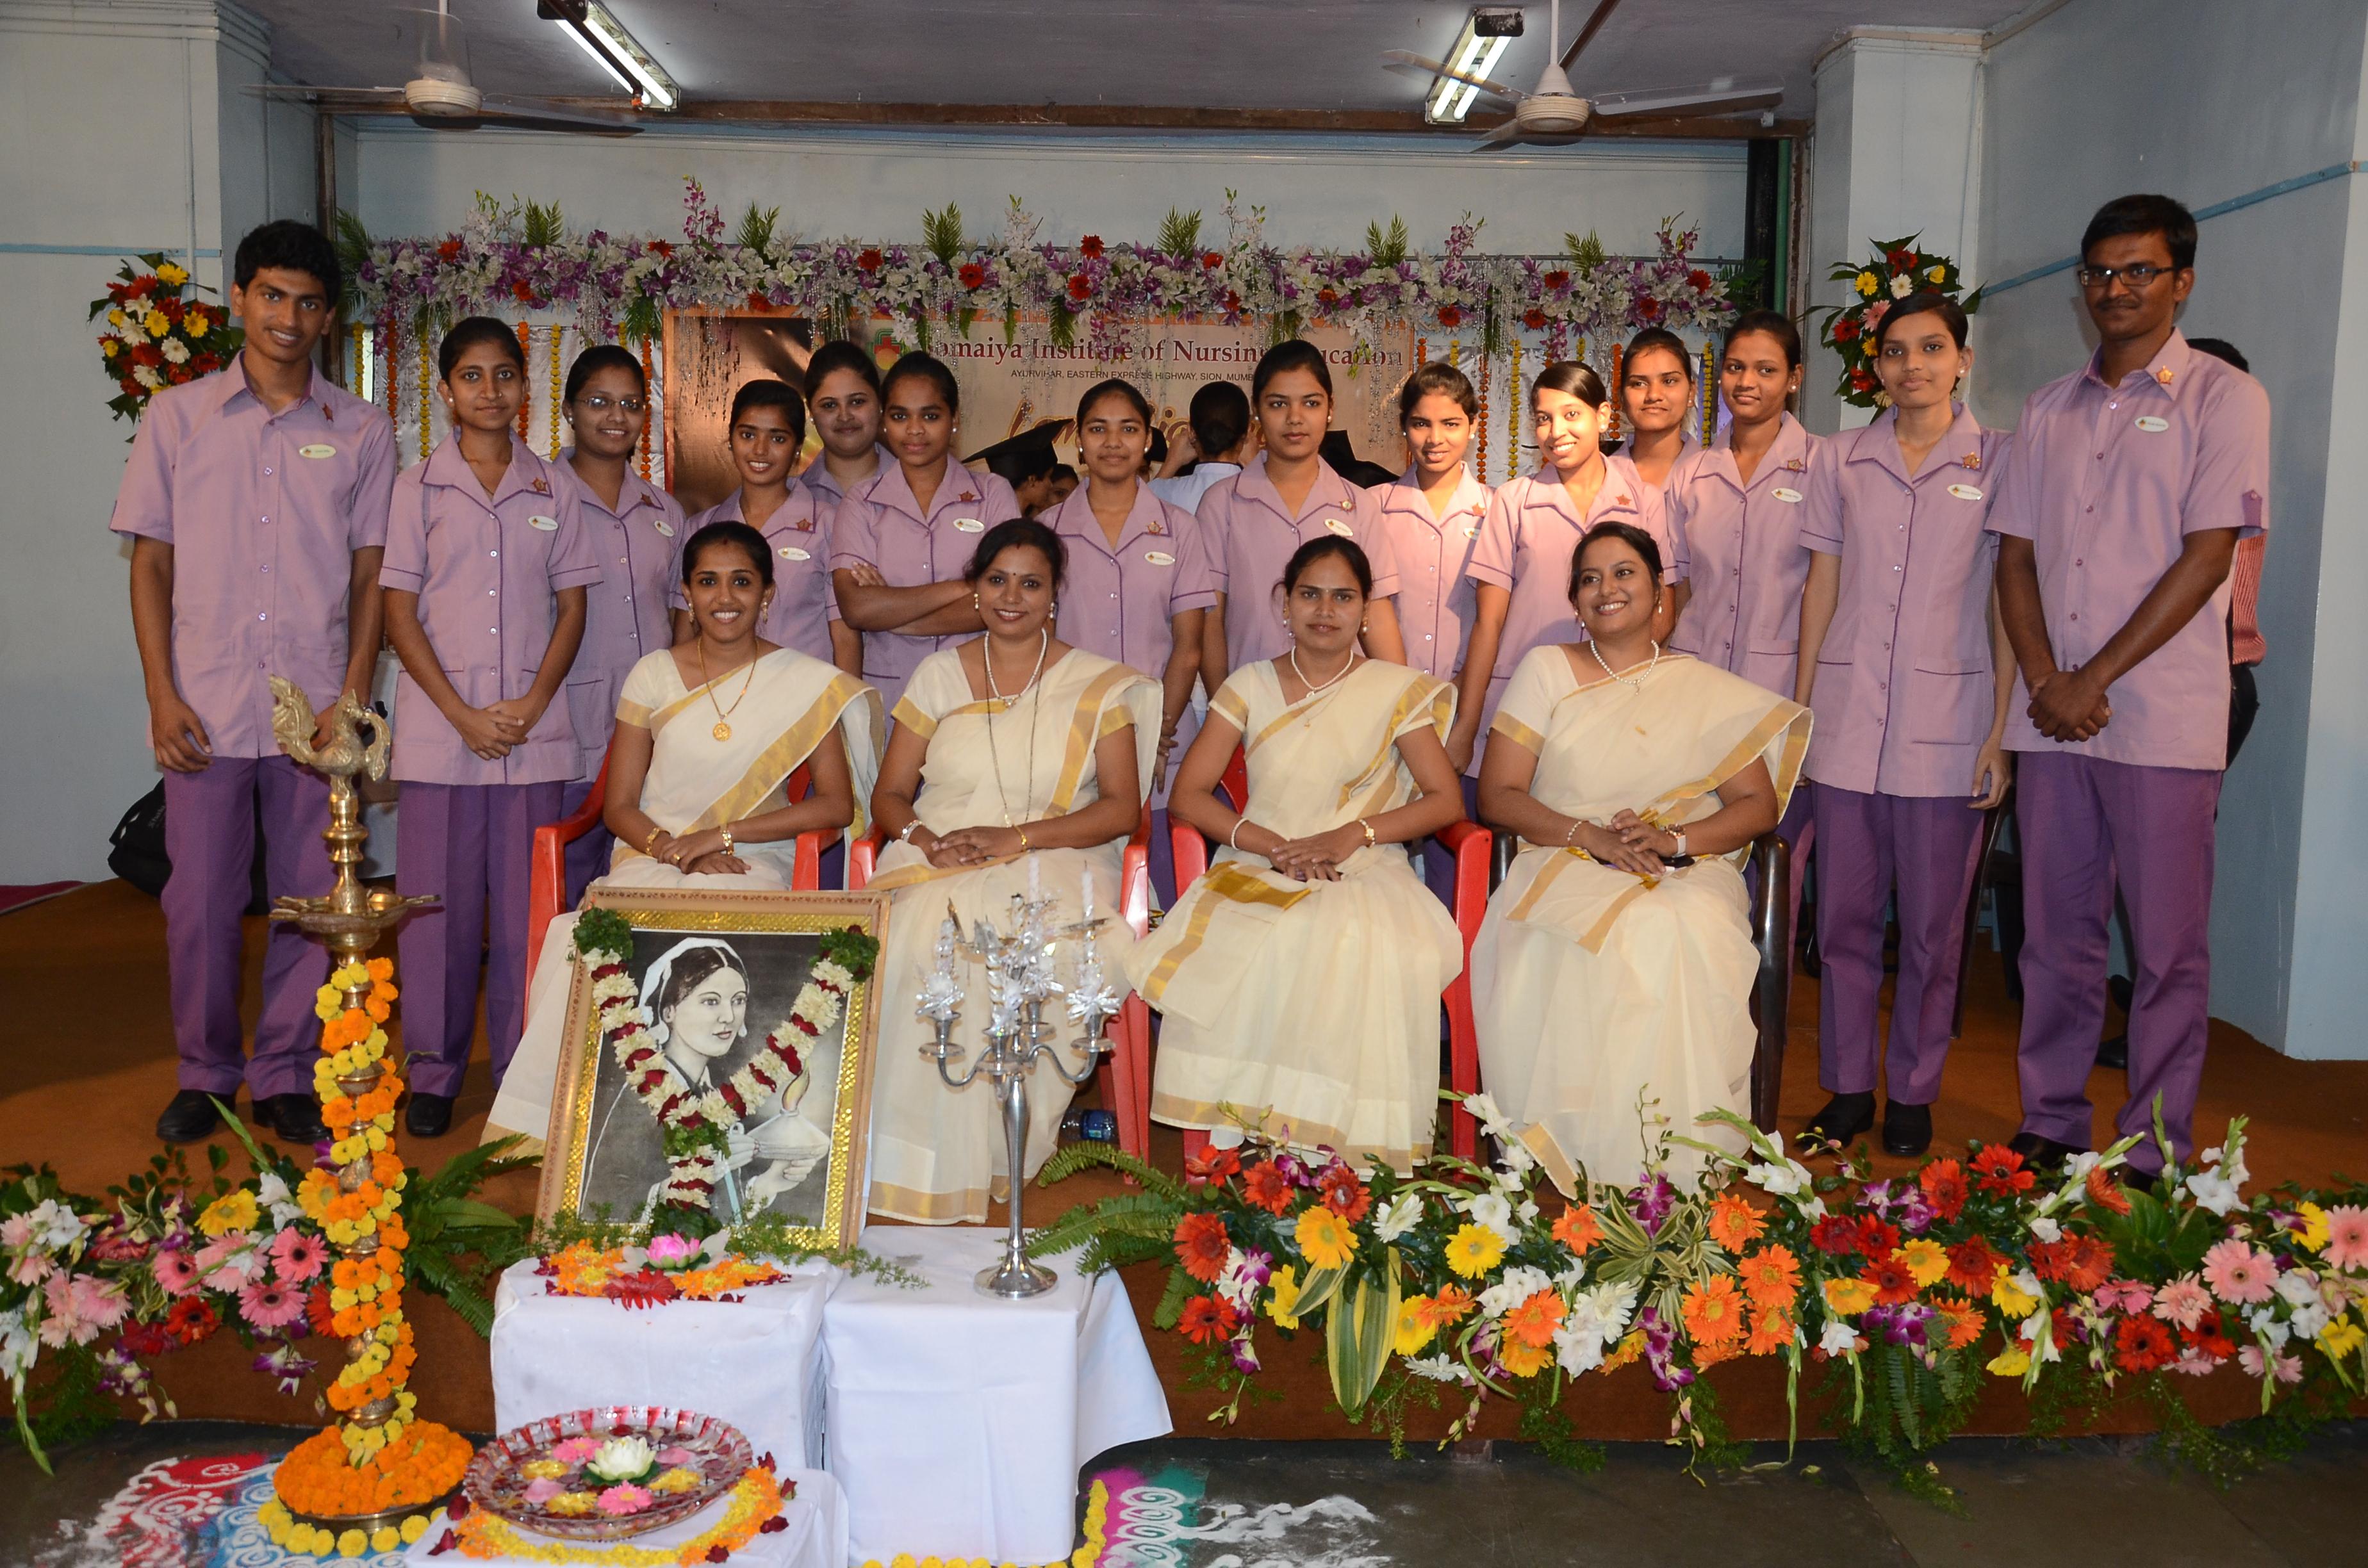 Bsc nursing Class photos